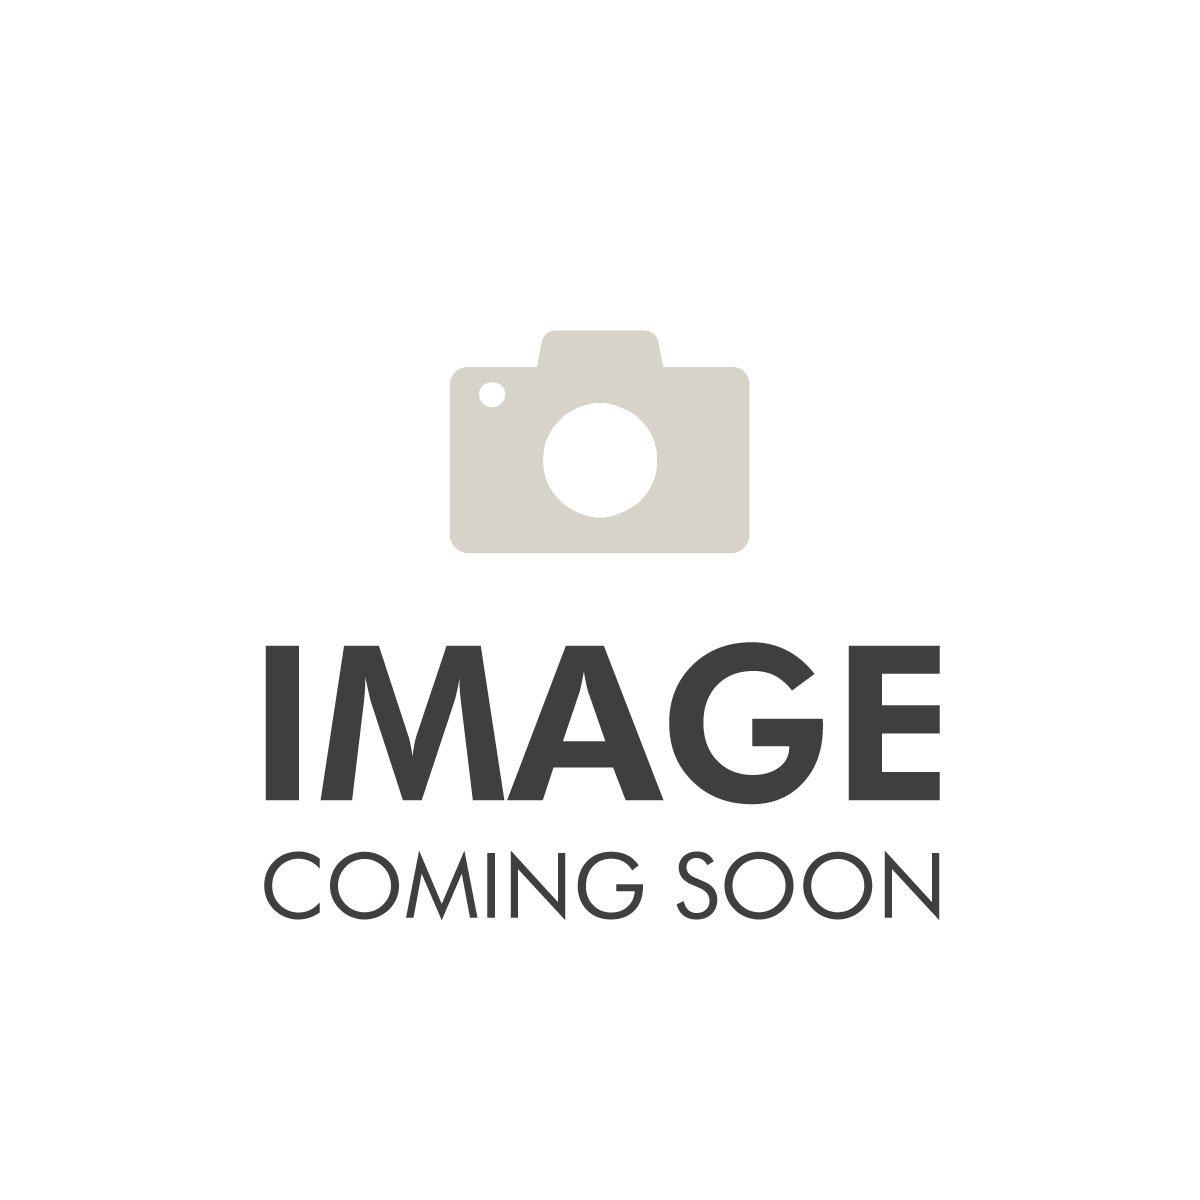 Schermasport - Epee Point Pressure Springs (10-Pack)